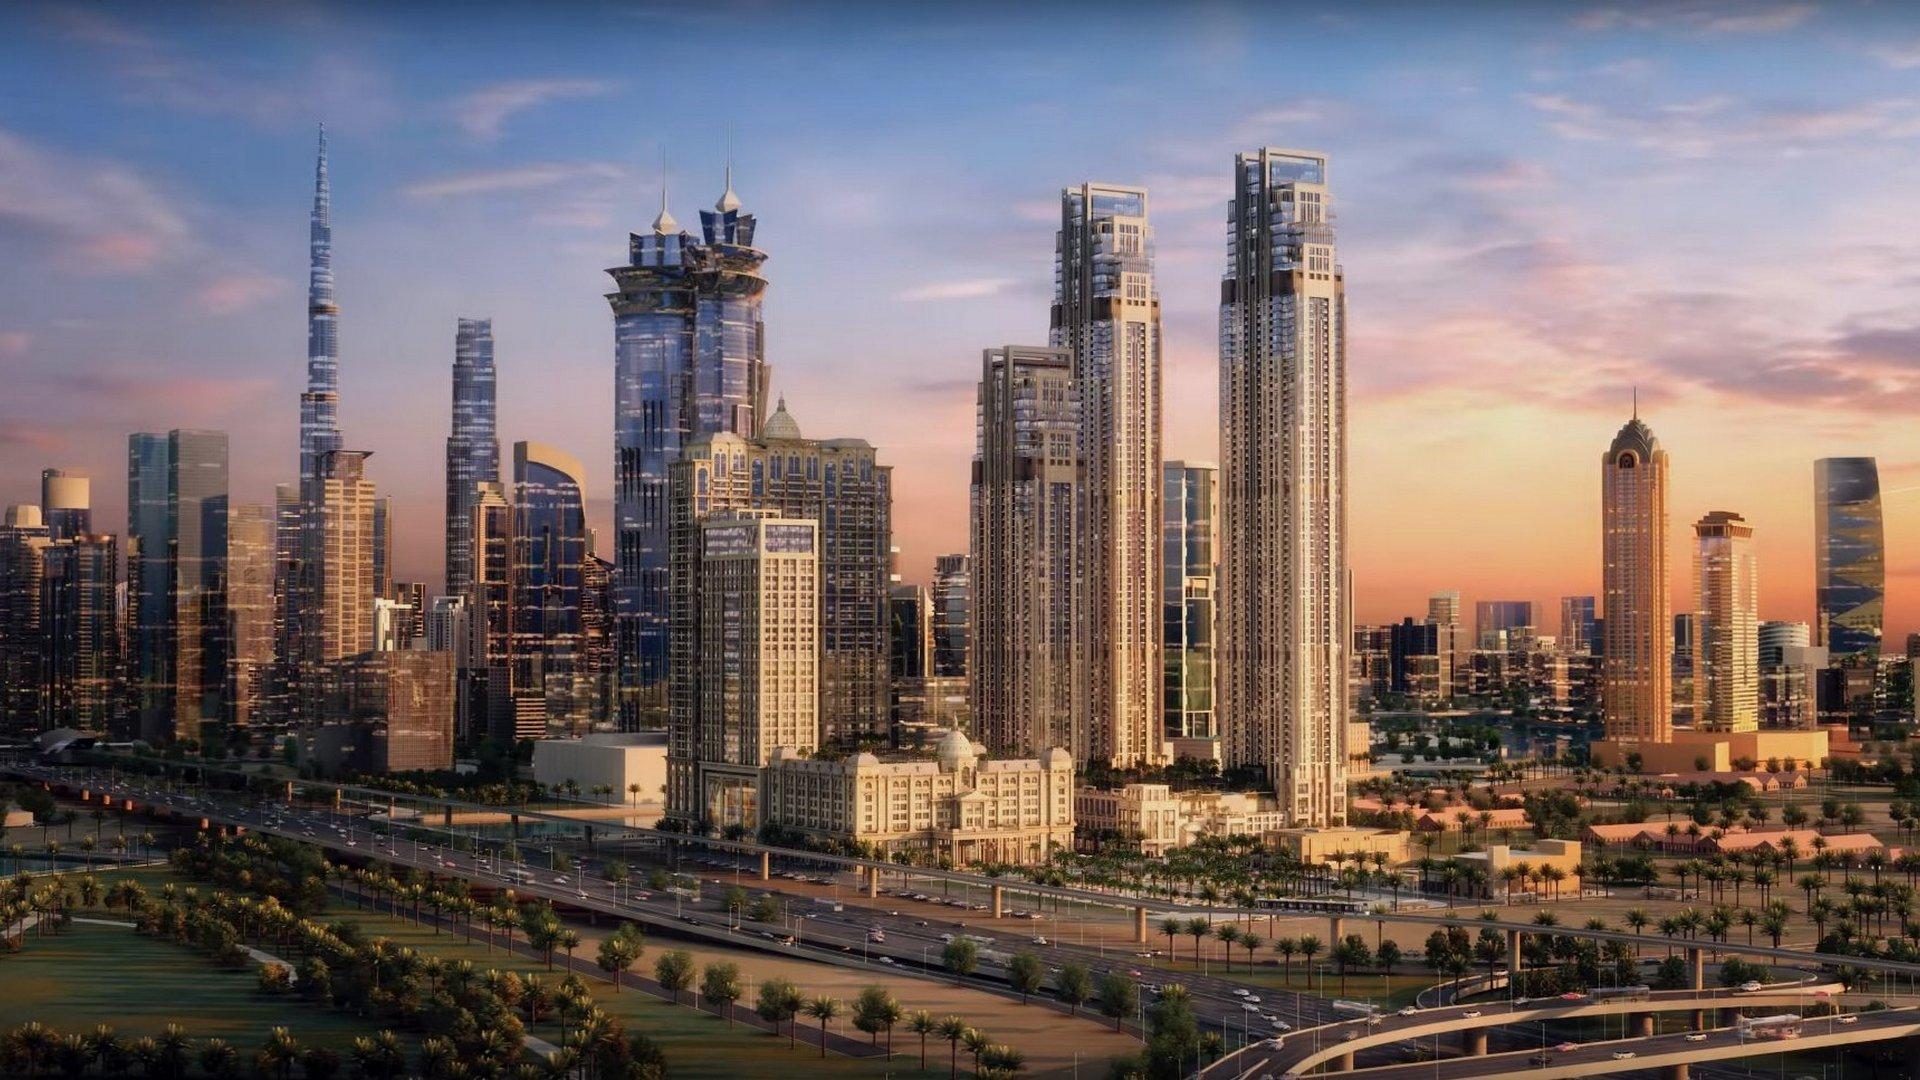 Ático en venta en Dubai, EAU, 7 dormitorios, 2724 m2, № 24064 – foto 4